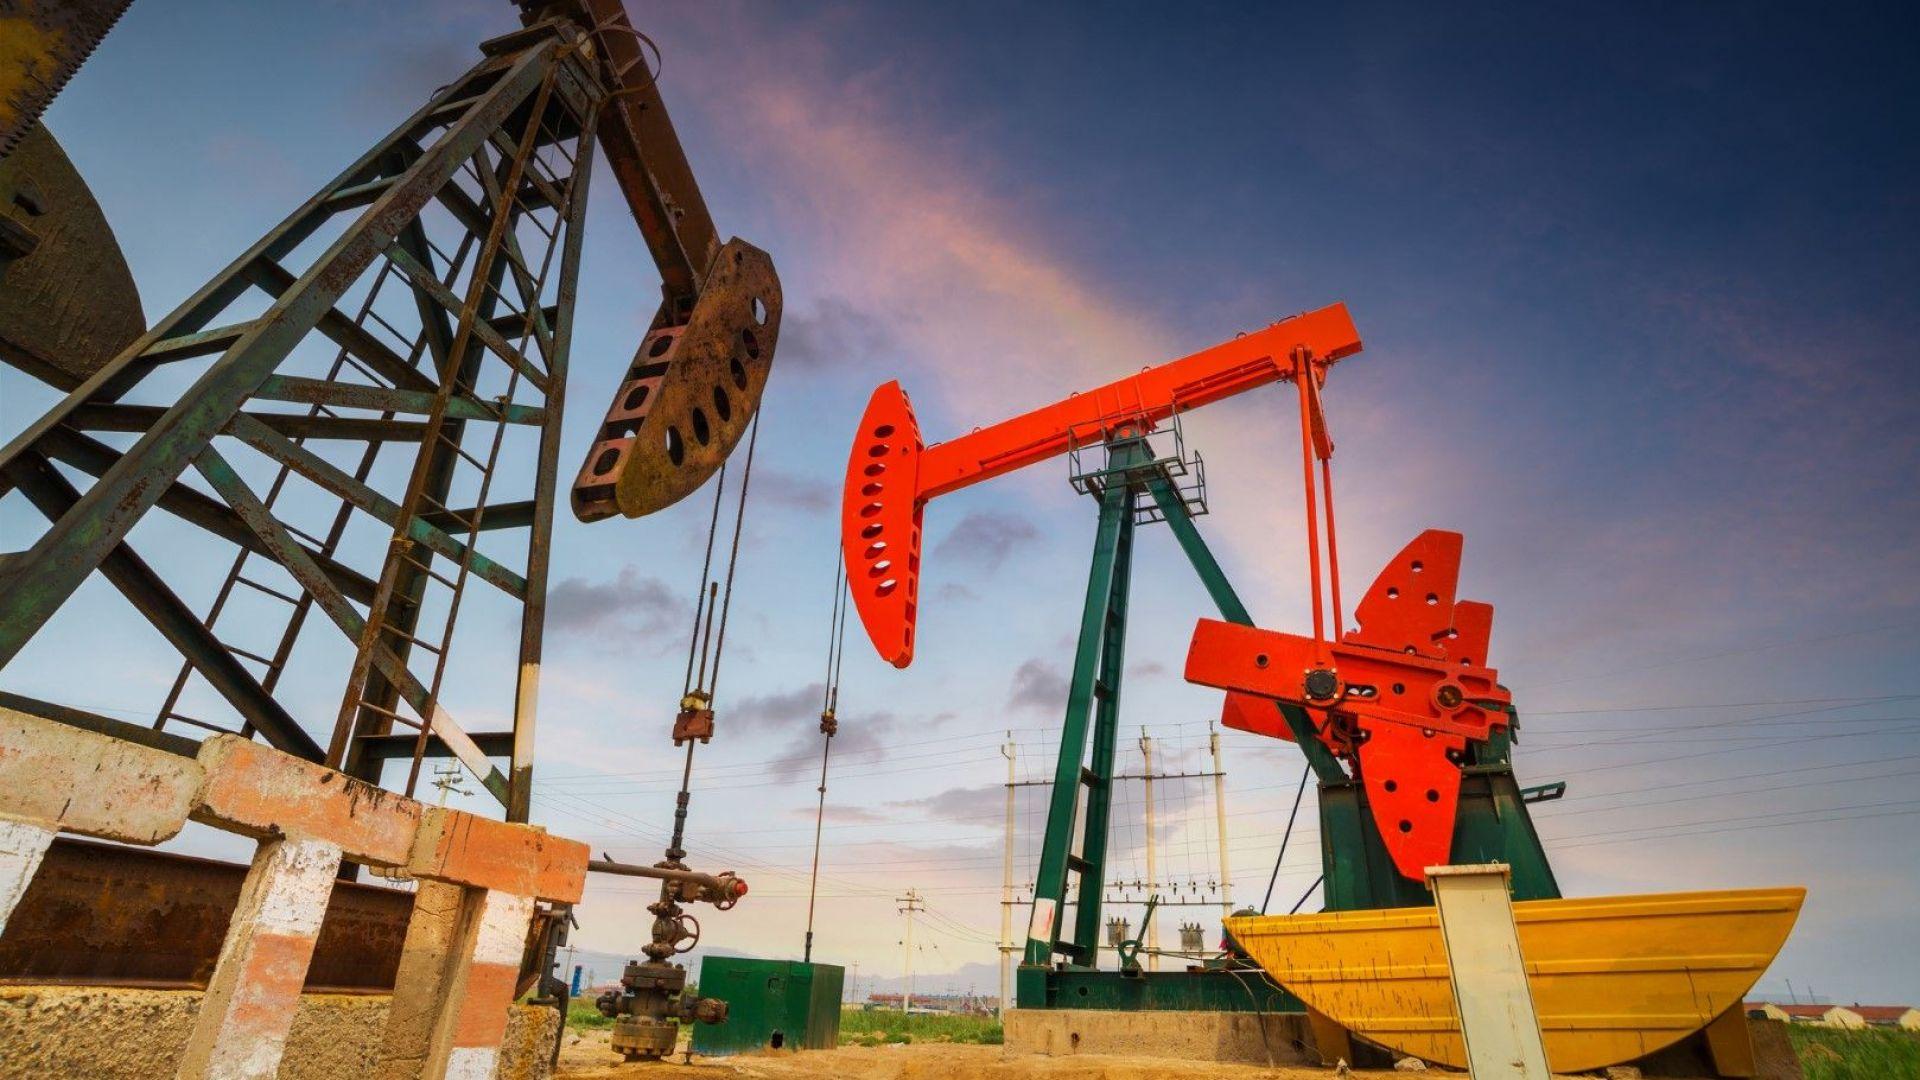 Страните от Г-20 са вложили почти $300 млрд. в изкопаеми горива от началото на пандемията